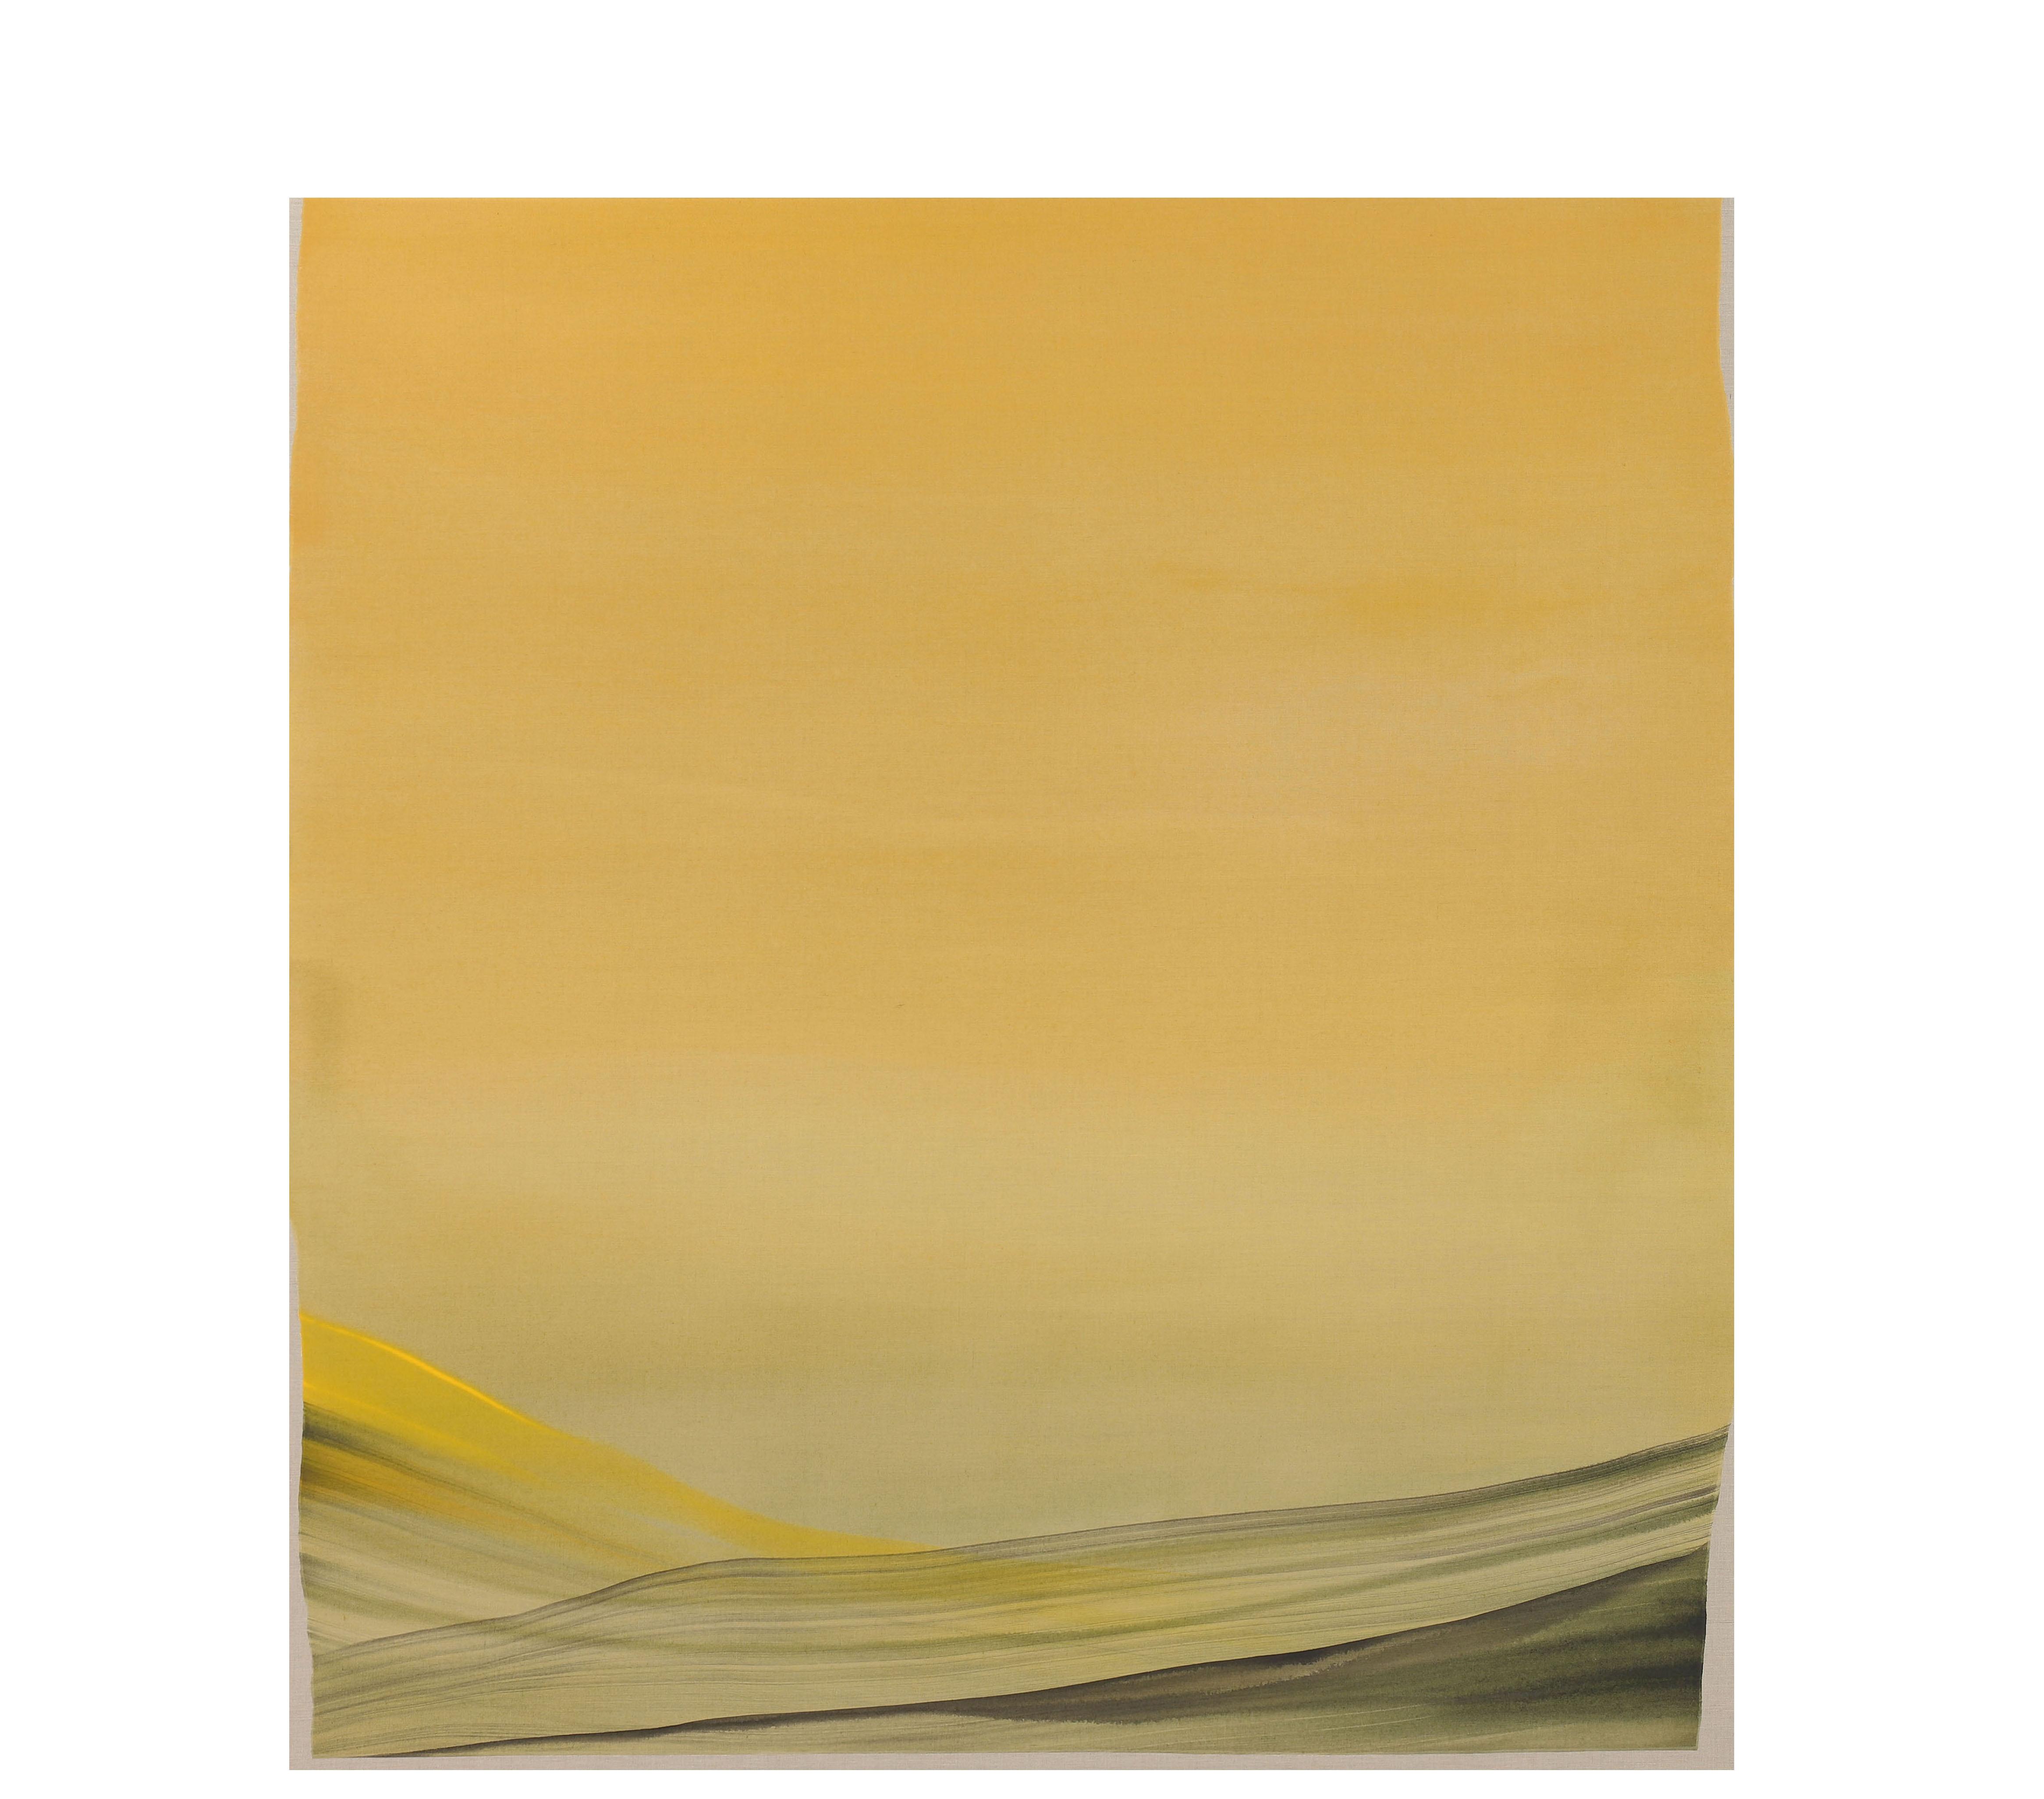 Vadum II. 2019. Acrílico sobre lino. 190 x 174 cm. Nico Munuera.